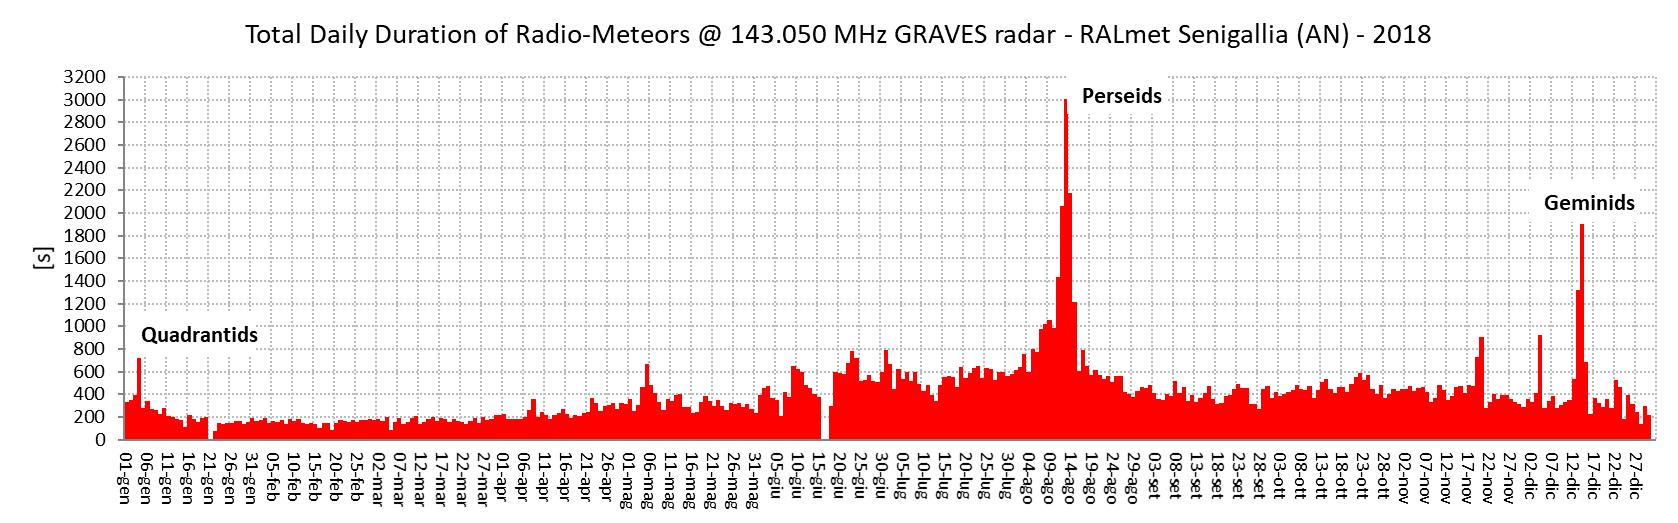 Confronto fra le durate giornaliere dei radio-echi registrate negli anni 2018 e 2019. La durata di un impulso radio meteorico è proporzionale alla massa dell'oggetto che ha generato la traccia ionizzata riflettente.